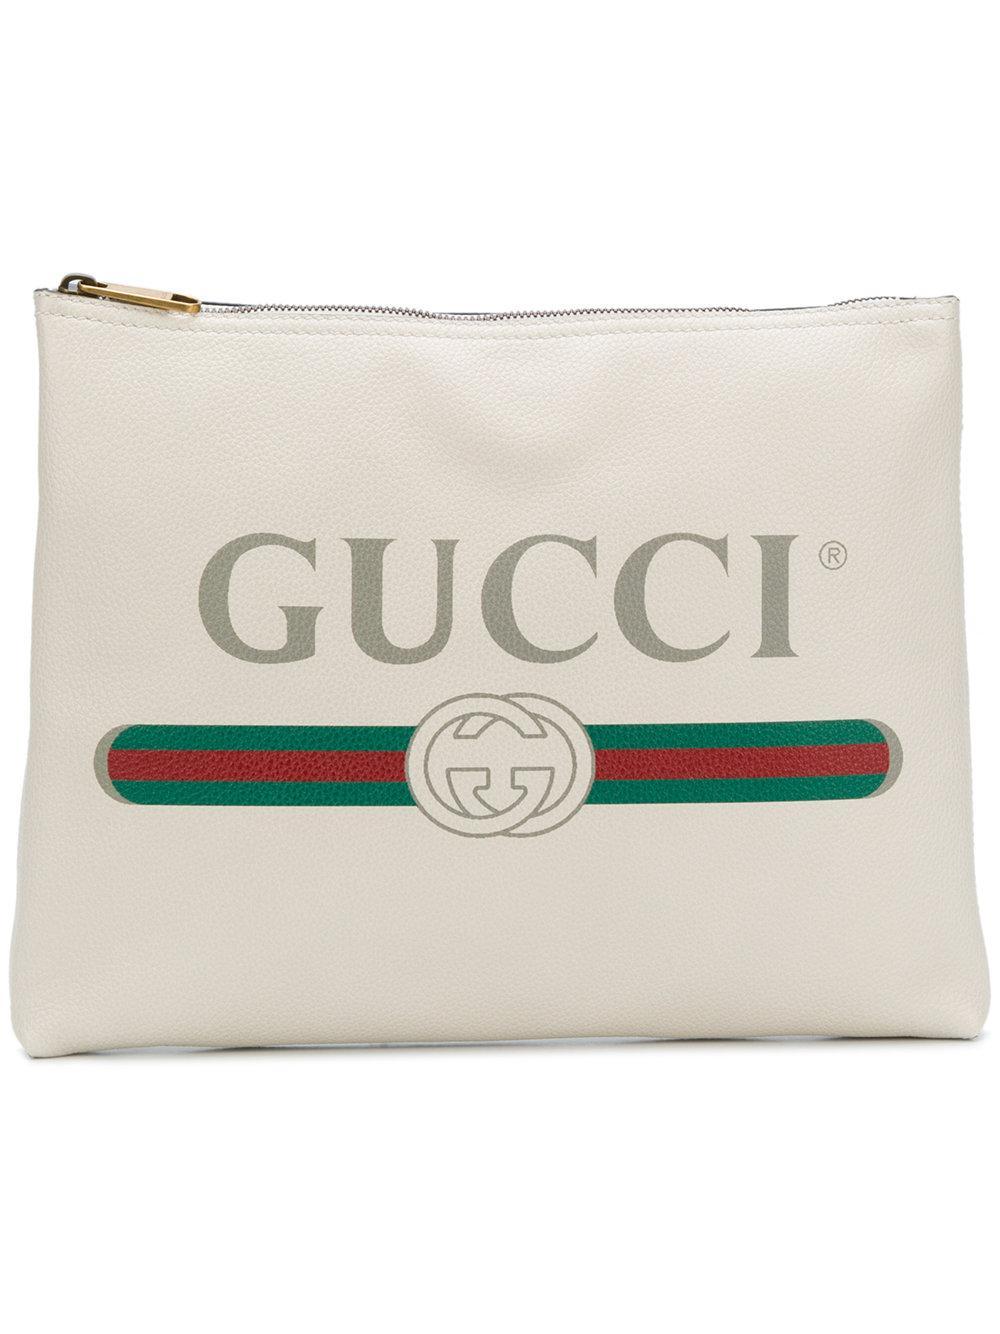 d0c9488061523 Fake White Gucci Purse - Best Purse Image Ccdbb.Org